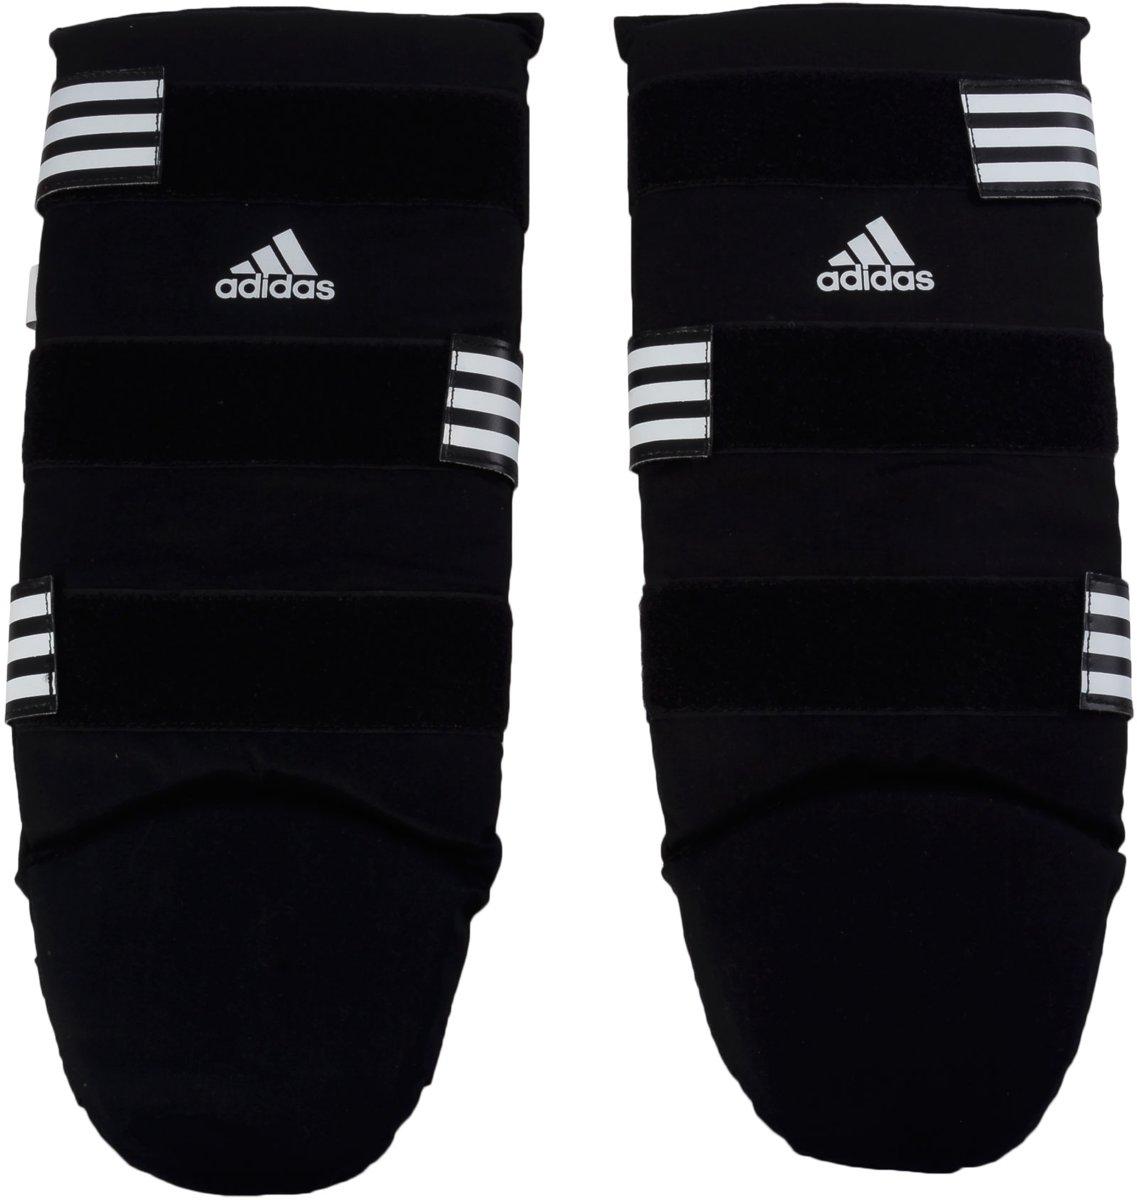 Adidas Boxing scheenbeschermers Good XS zwart/wit